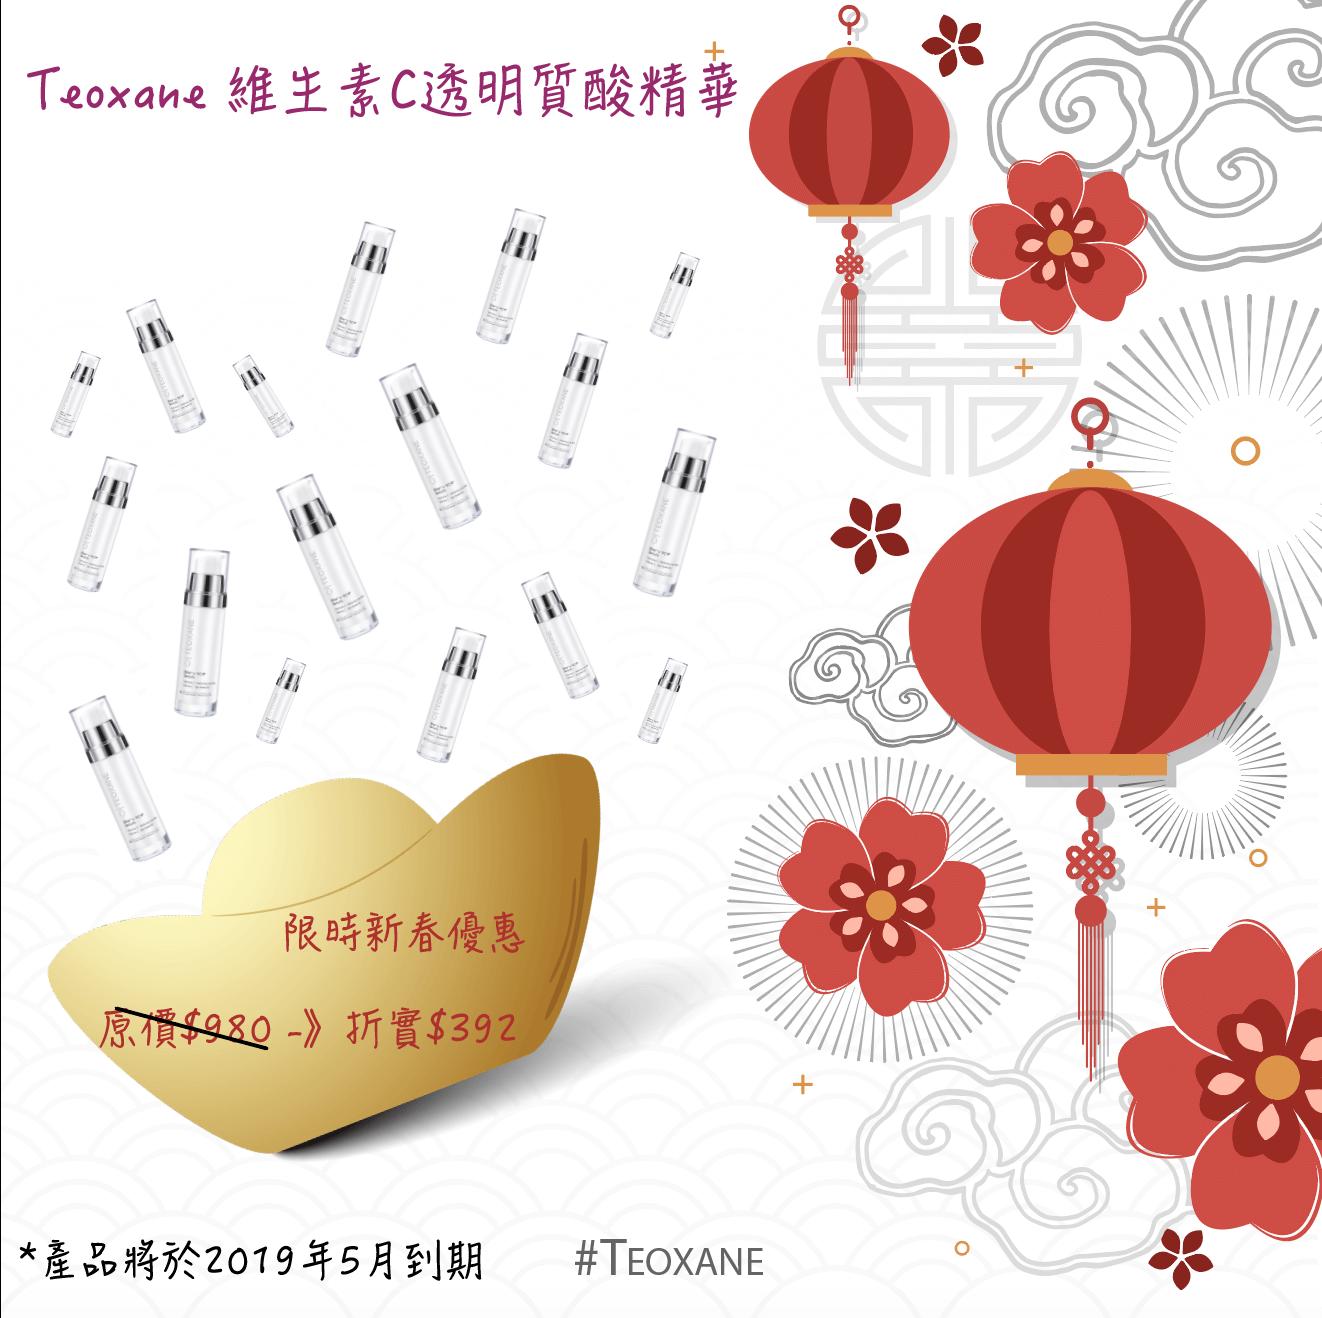 【2019新春優惠】Teoxane 維生素C透明質酸精華